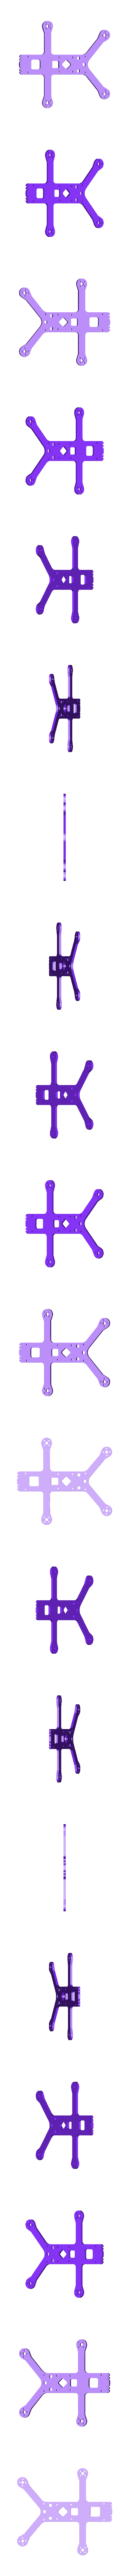 """frame_HD_v0-7.stl Télécharger fichier STL gratuit Cinelad 3"""" - Cadre HD compact et léger • Modèle à imprimer en 3D, Gophy"""